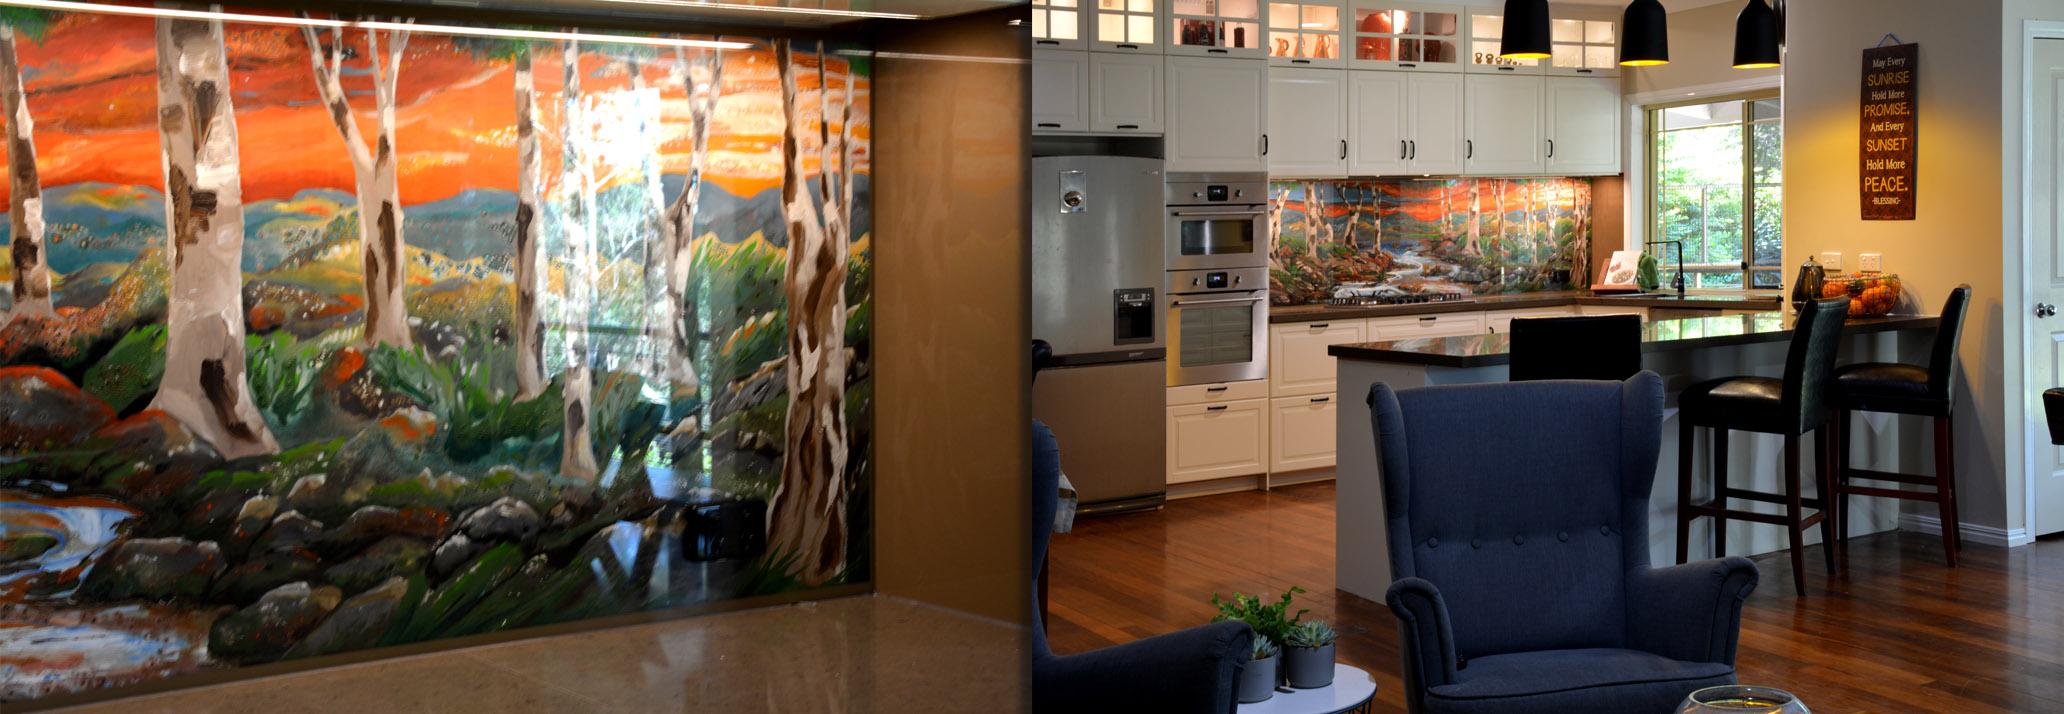 Tailored Artworks - Real Art Kitchen Splashbacks 0000